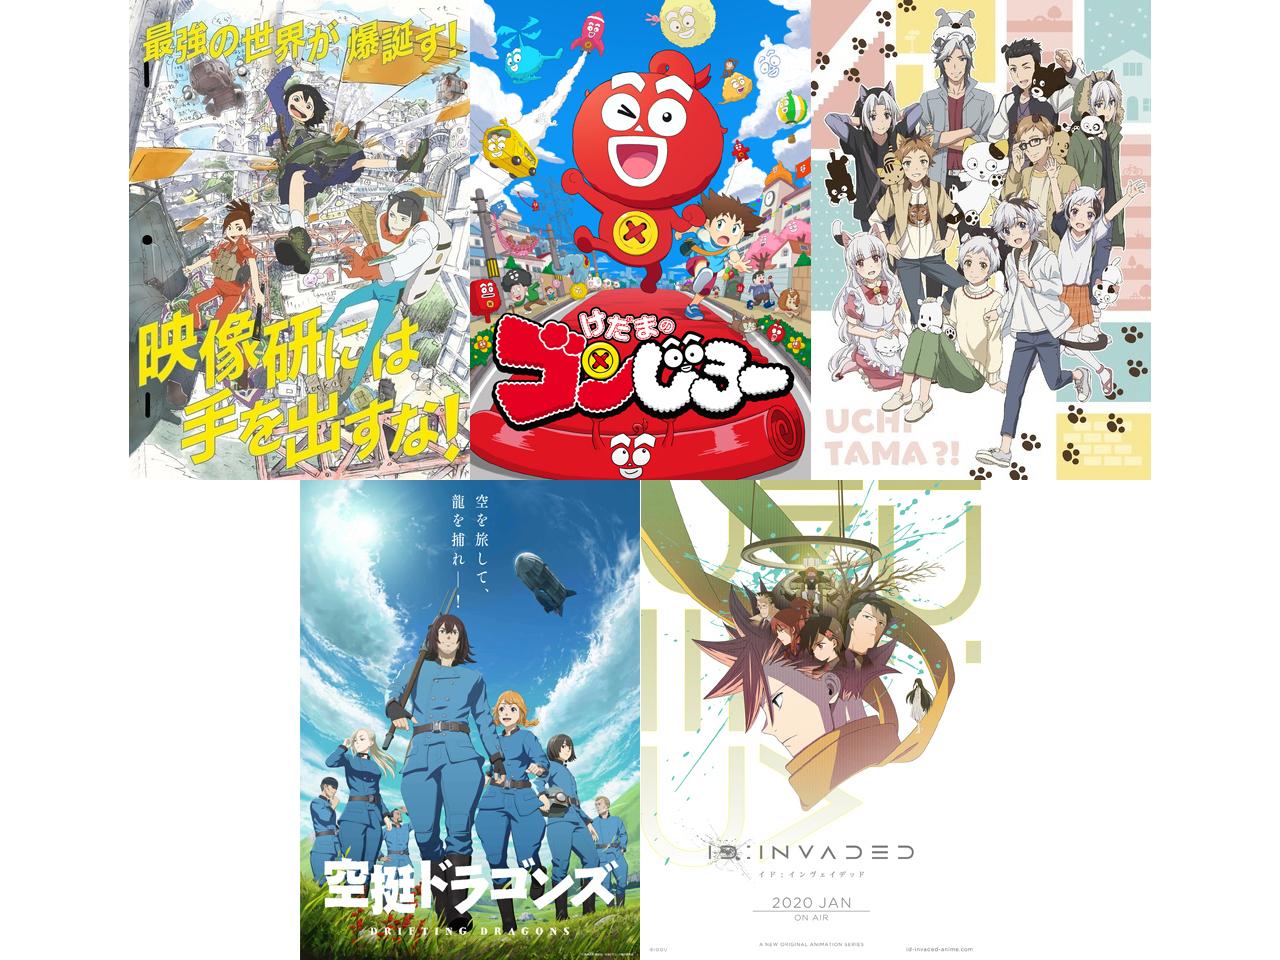 アニメライターが選ぶ 2020年冬アニメ総括レビュー 映像研には手